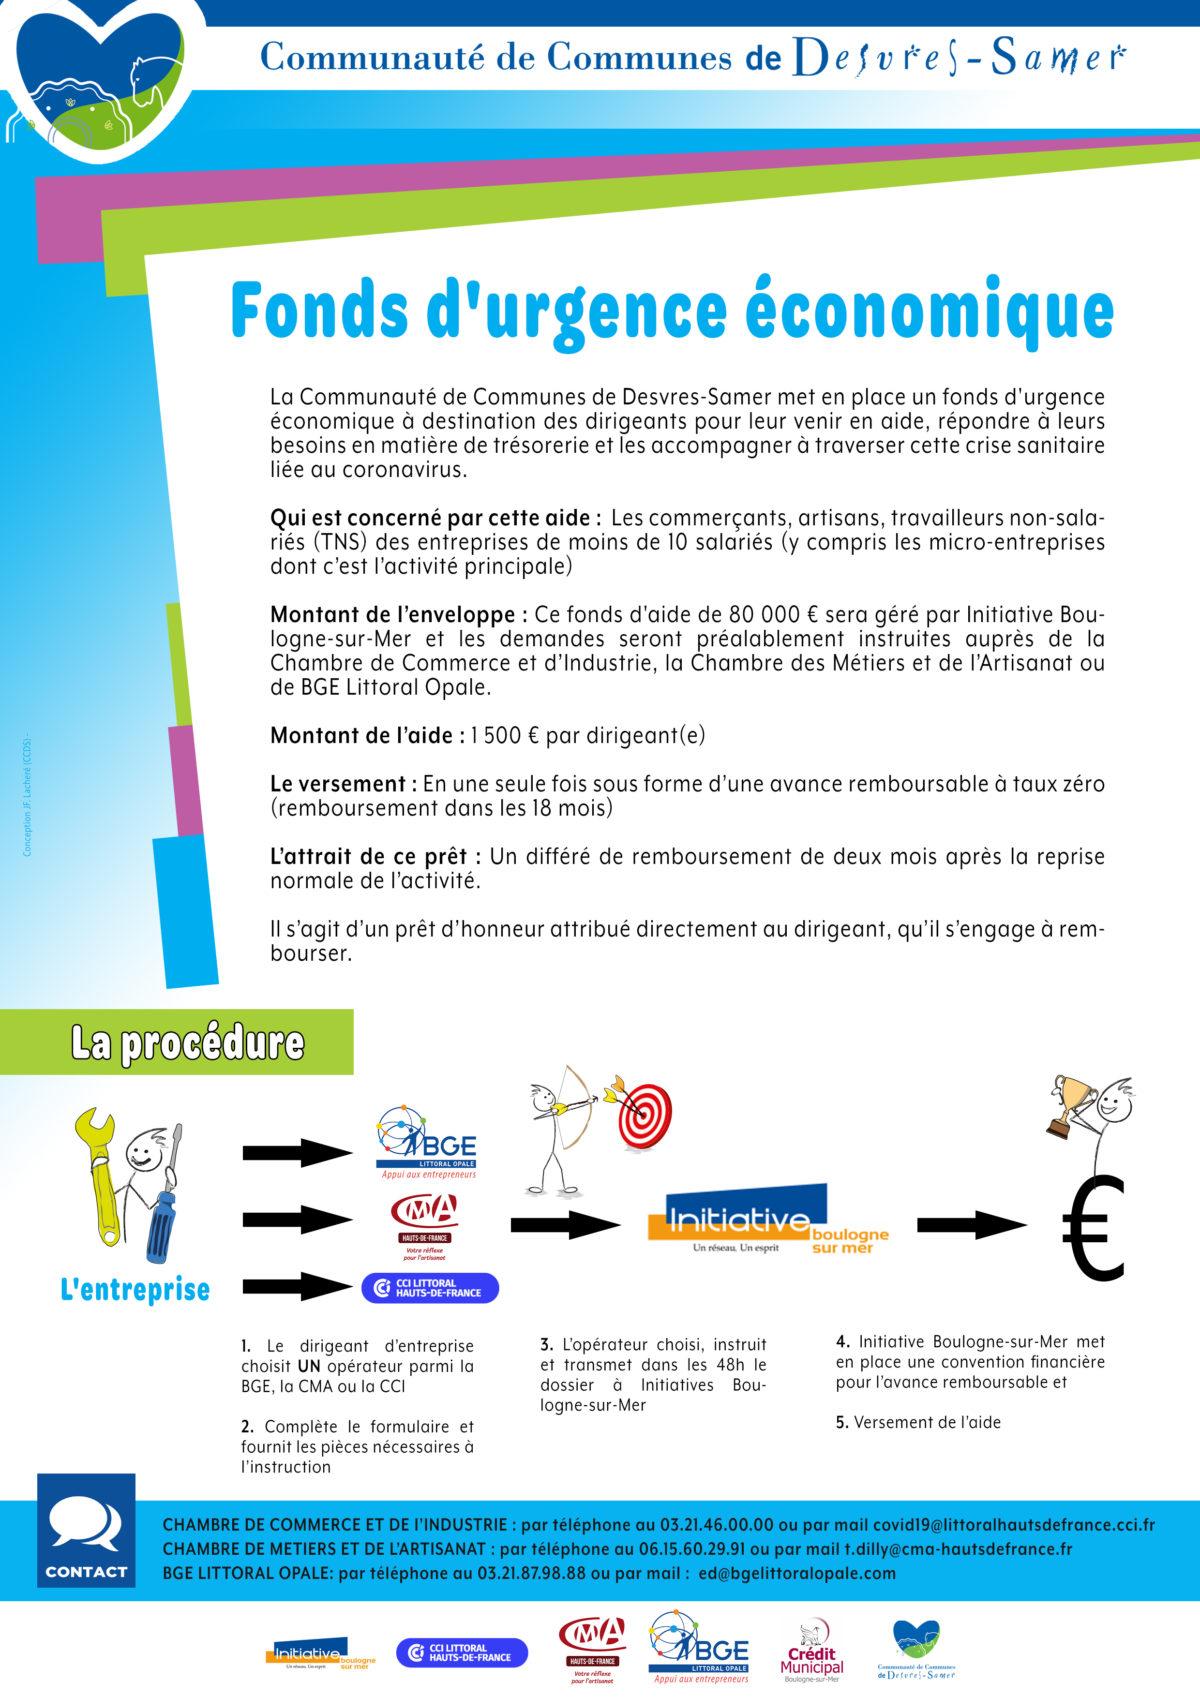 Fonds d'urgence économique